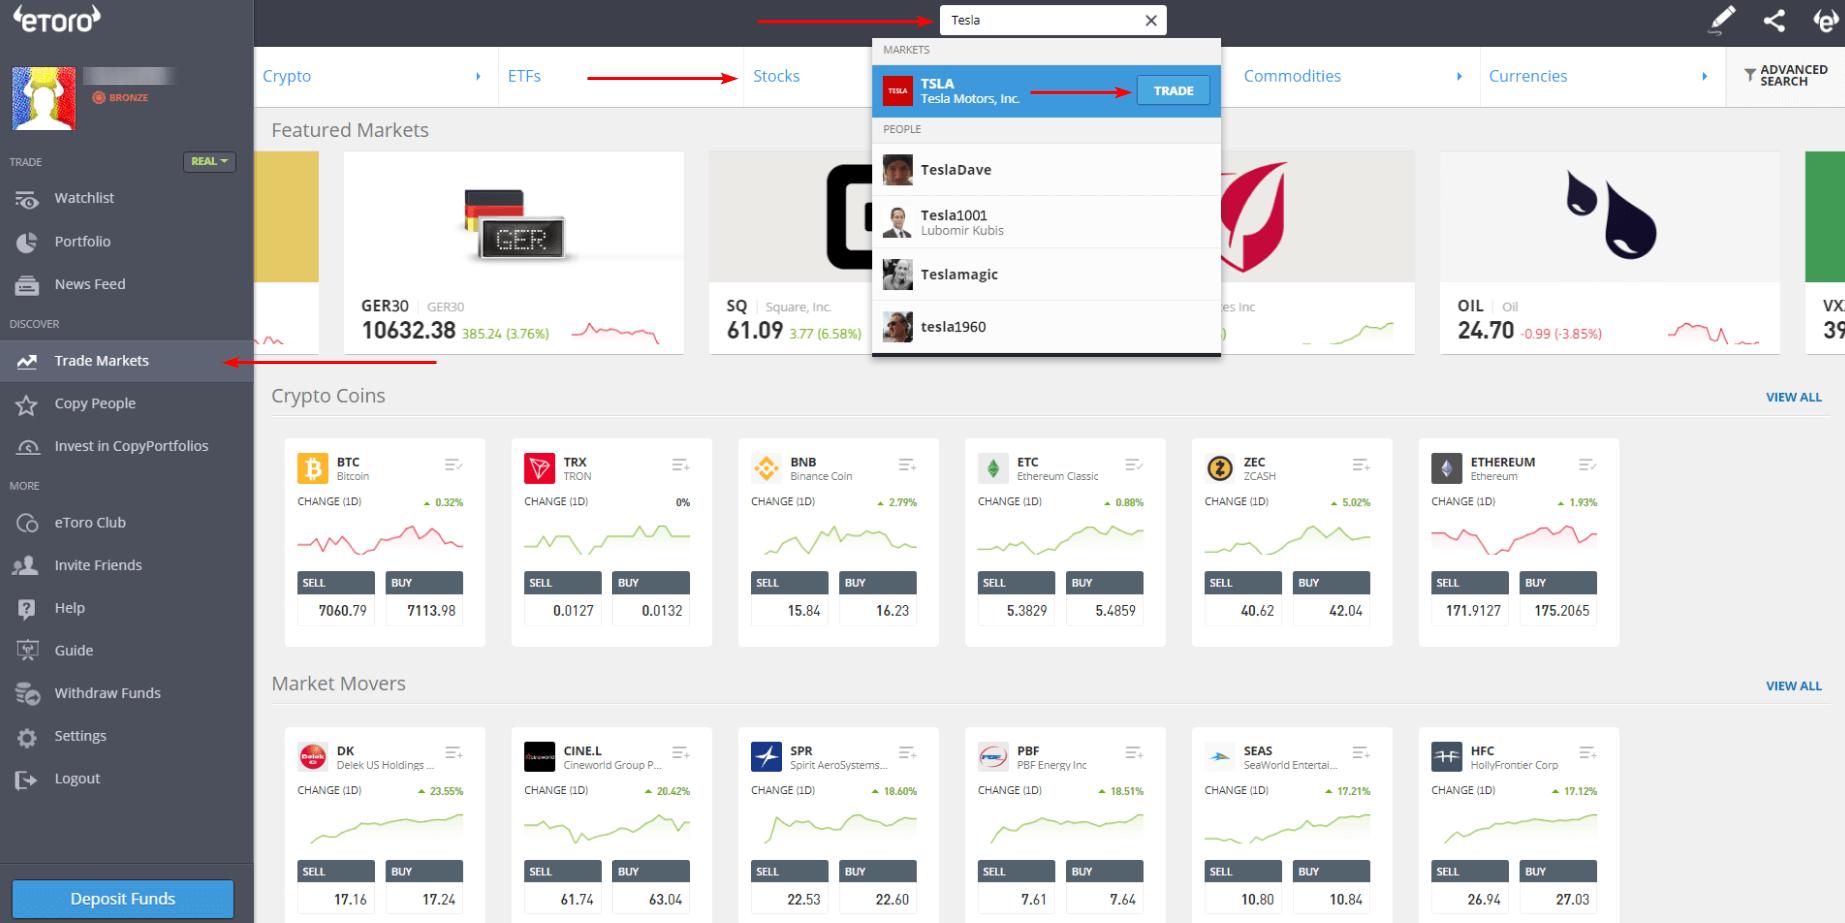 cumpara actiuni online la bursa